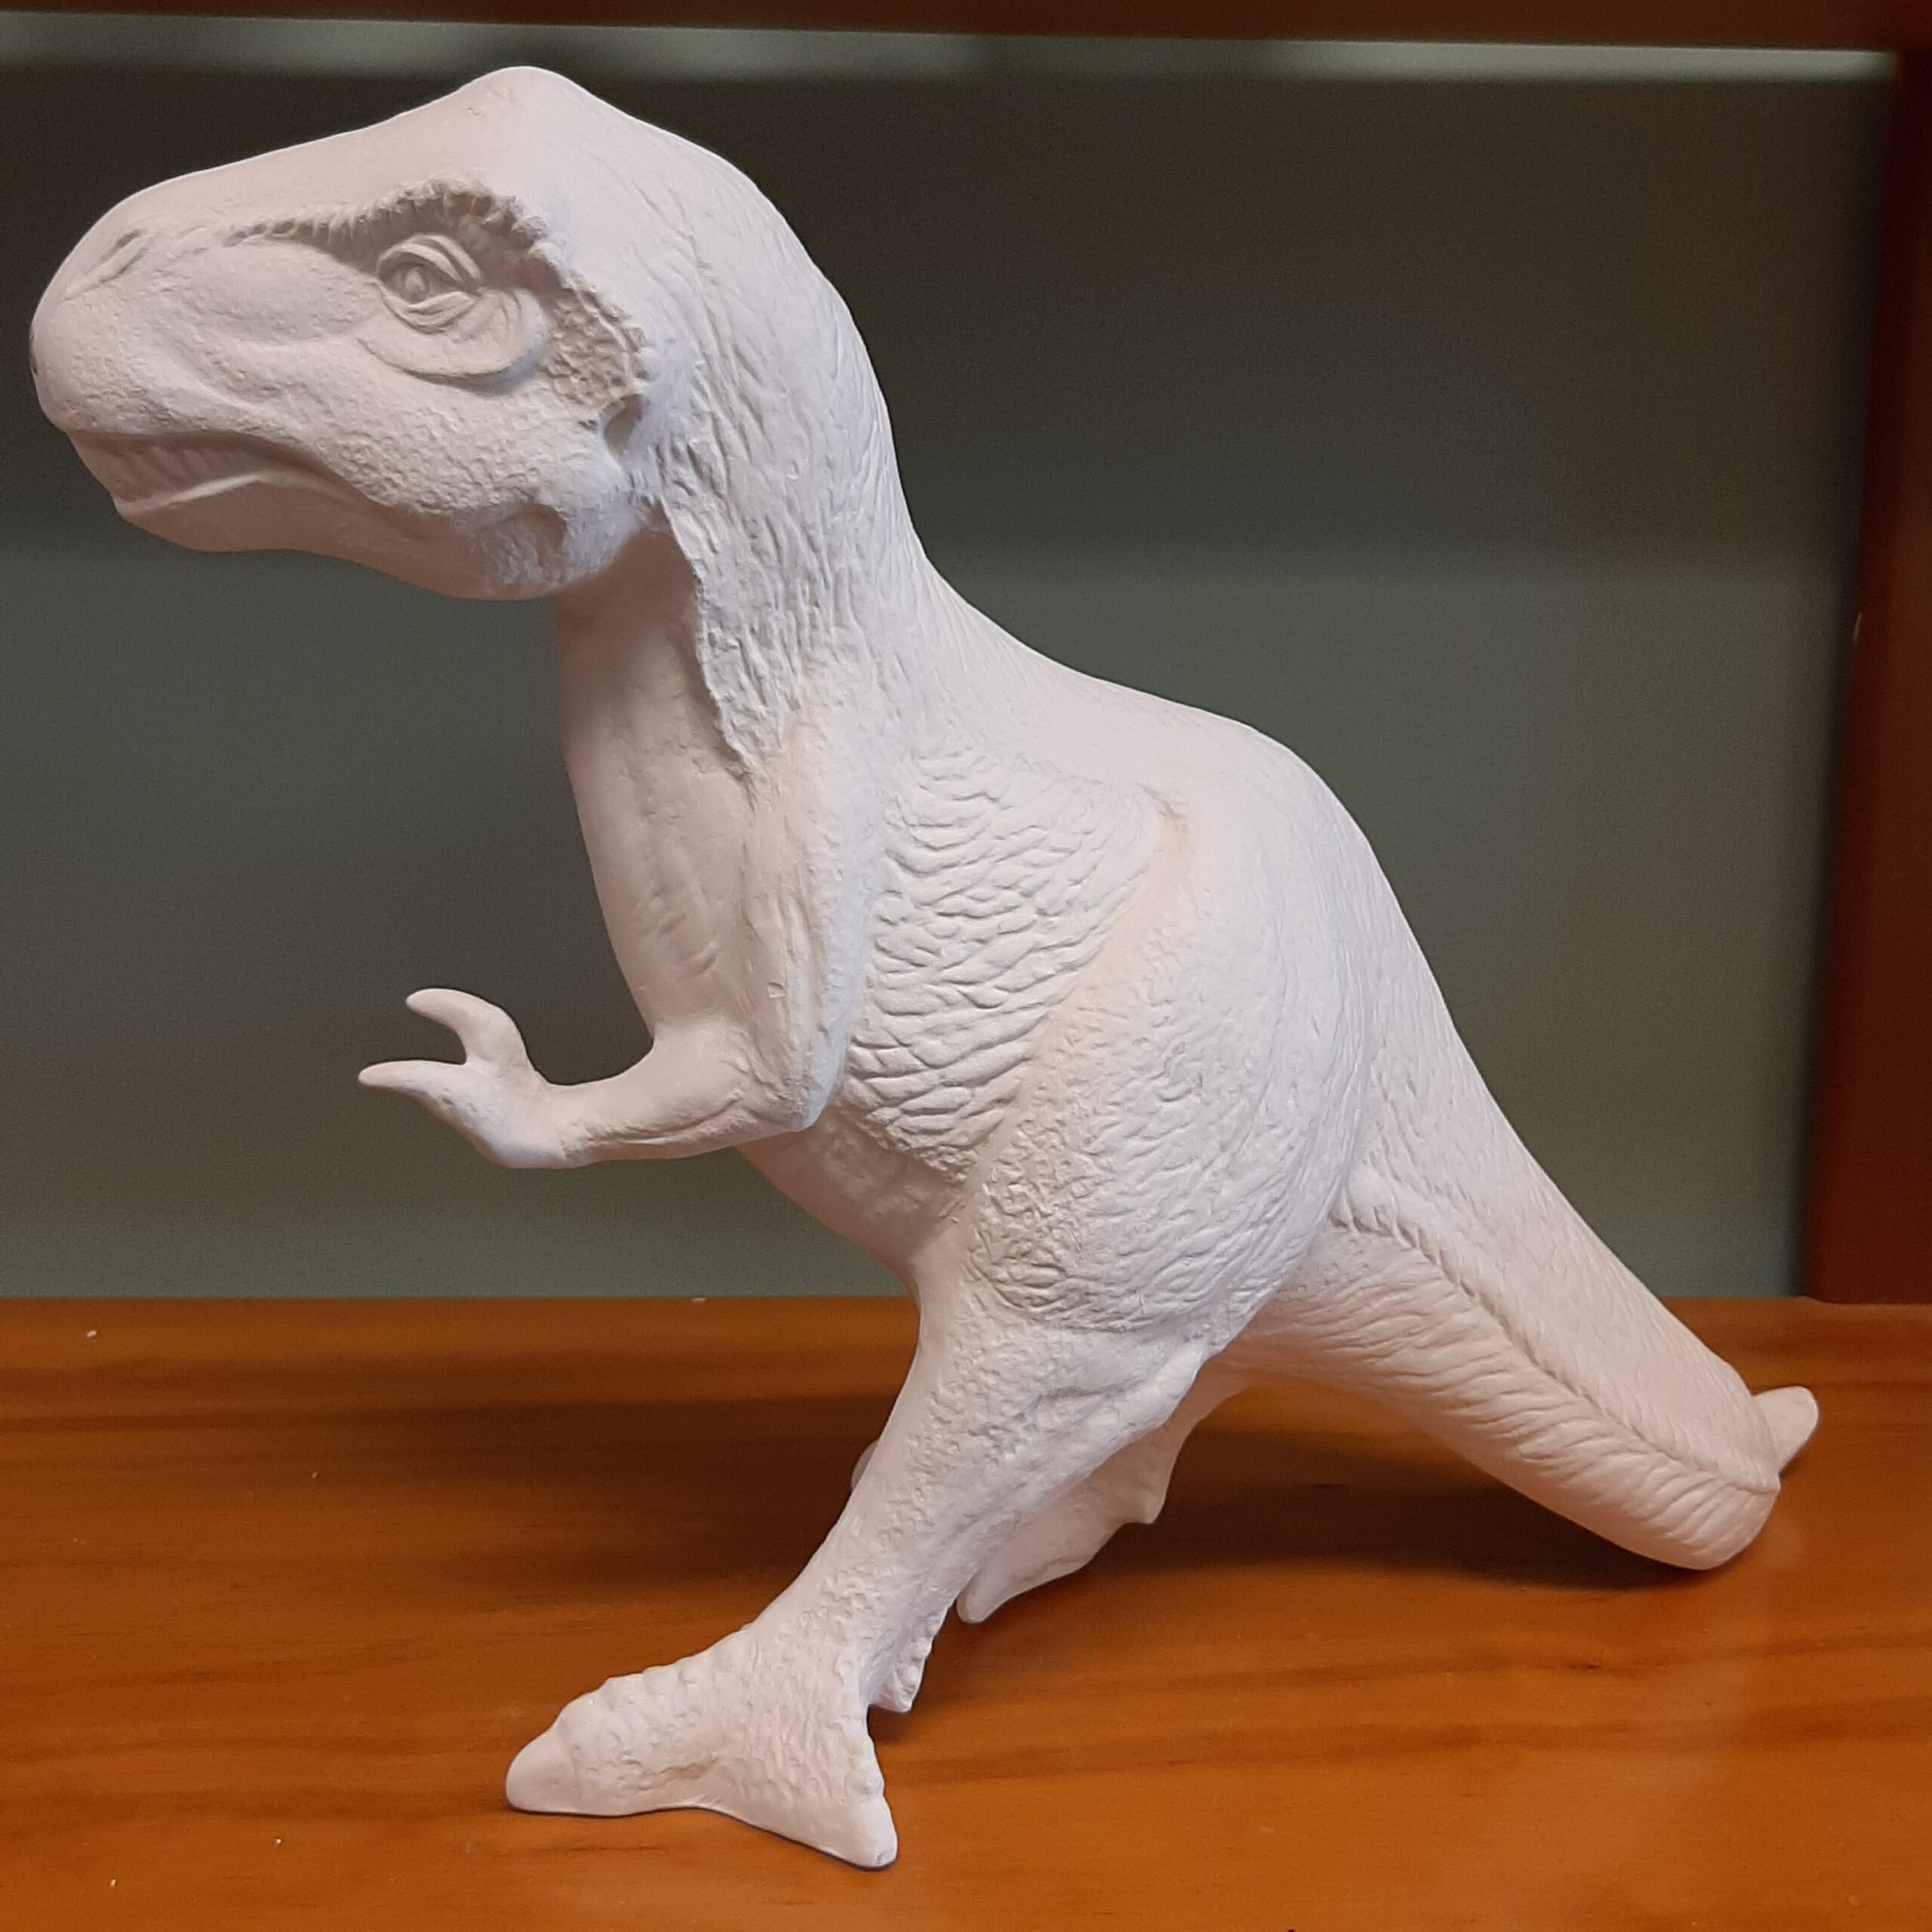 Thomas the T-Rex